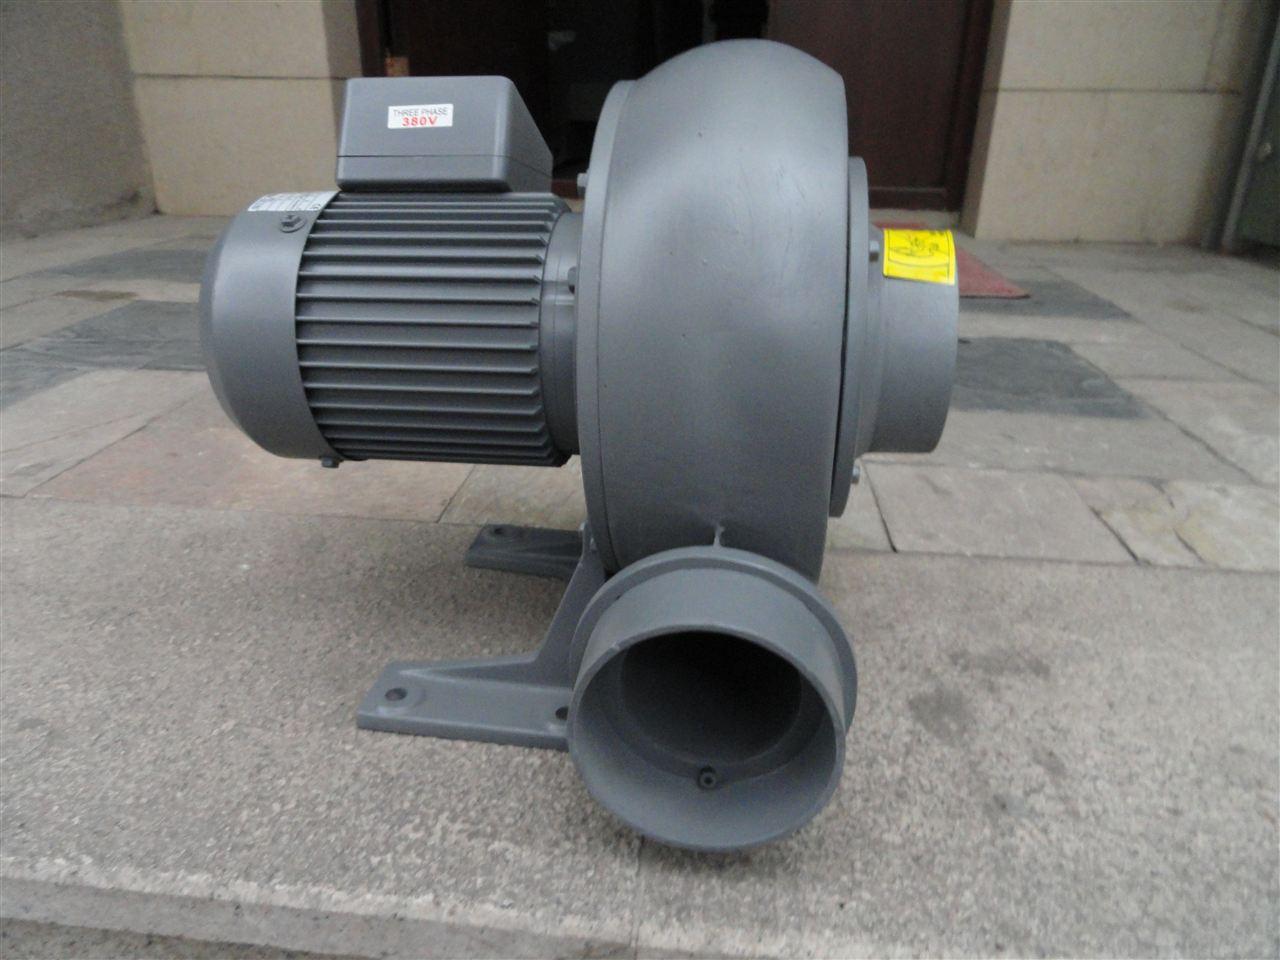 PF-75风机}全风中压鼓风机维护和贮存 1.使用环境应经常保持整洁,风机表面保持清洁,进、出风口不应有杂物。定期消除风机及管内的灰尘等杂物。 2.只能在风机完全正档情况下方可运转,同时要保持供电设施容量充足,电压稳定,严禁缺相运行,供电线路必须为专用线路,不应长期用临时线路供电。 3.